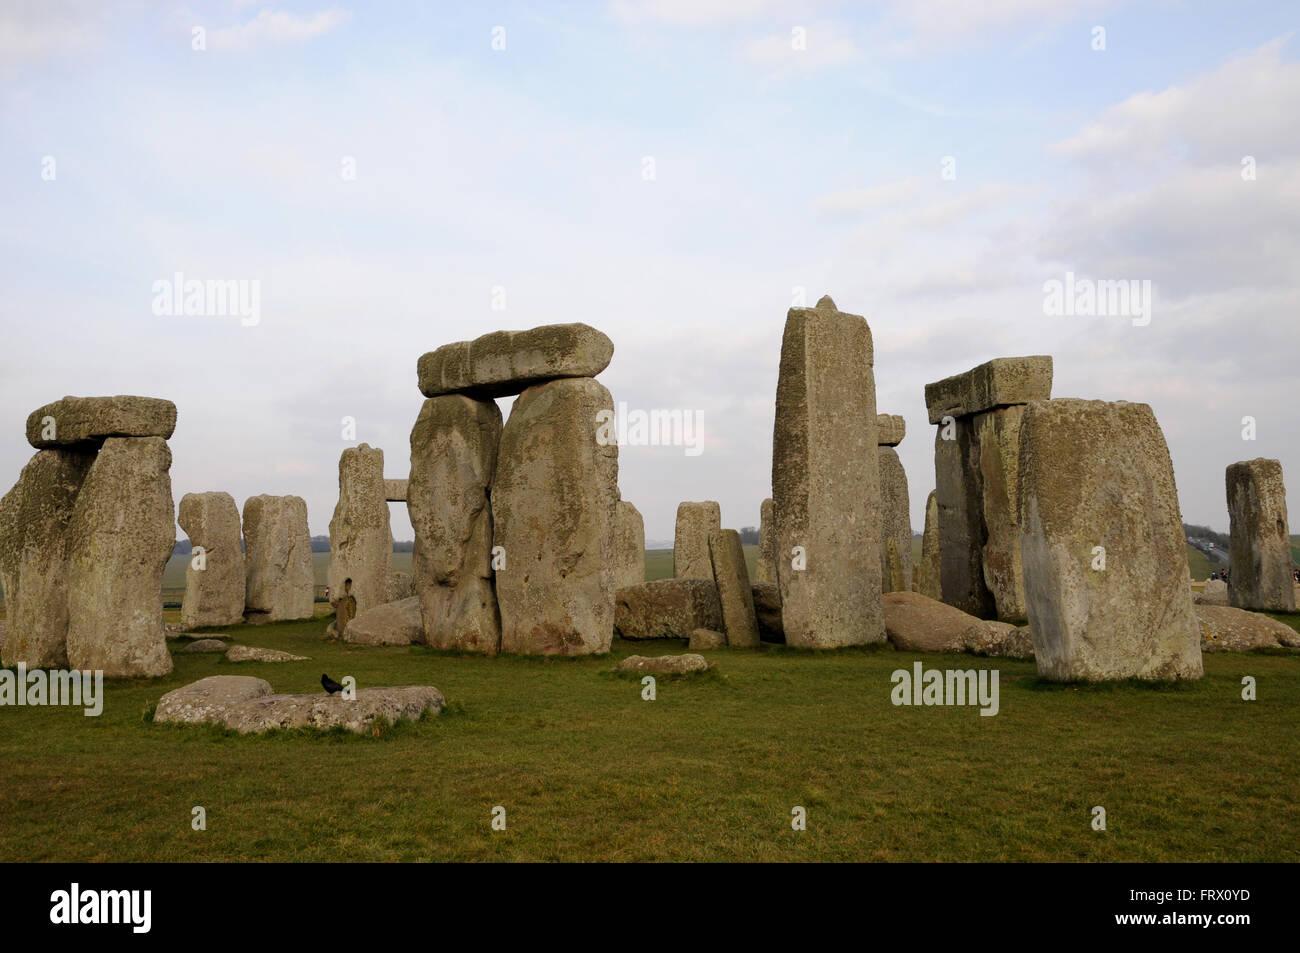 Die standing stones at Stonehenge, einem Ikonischen UNESCO Weltkulturerbe in der englischen Grafschaft Wiltshire Stockbild